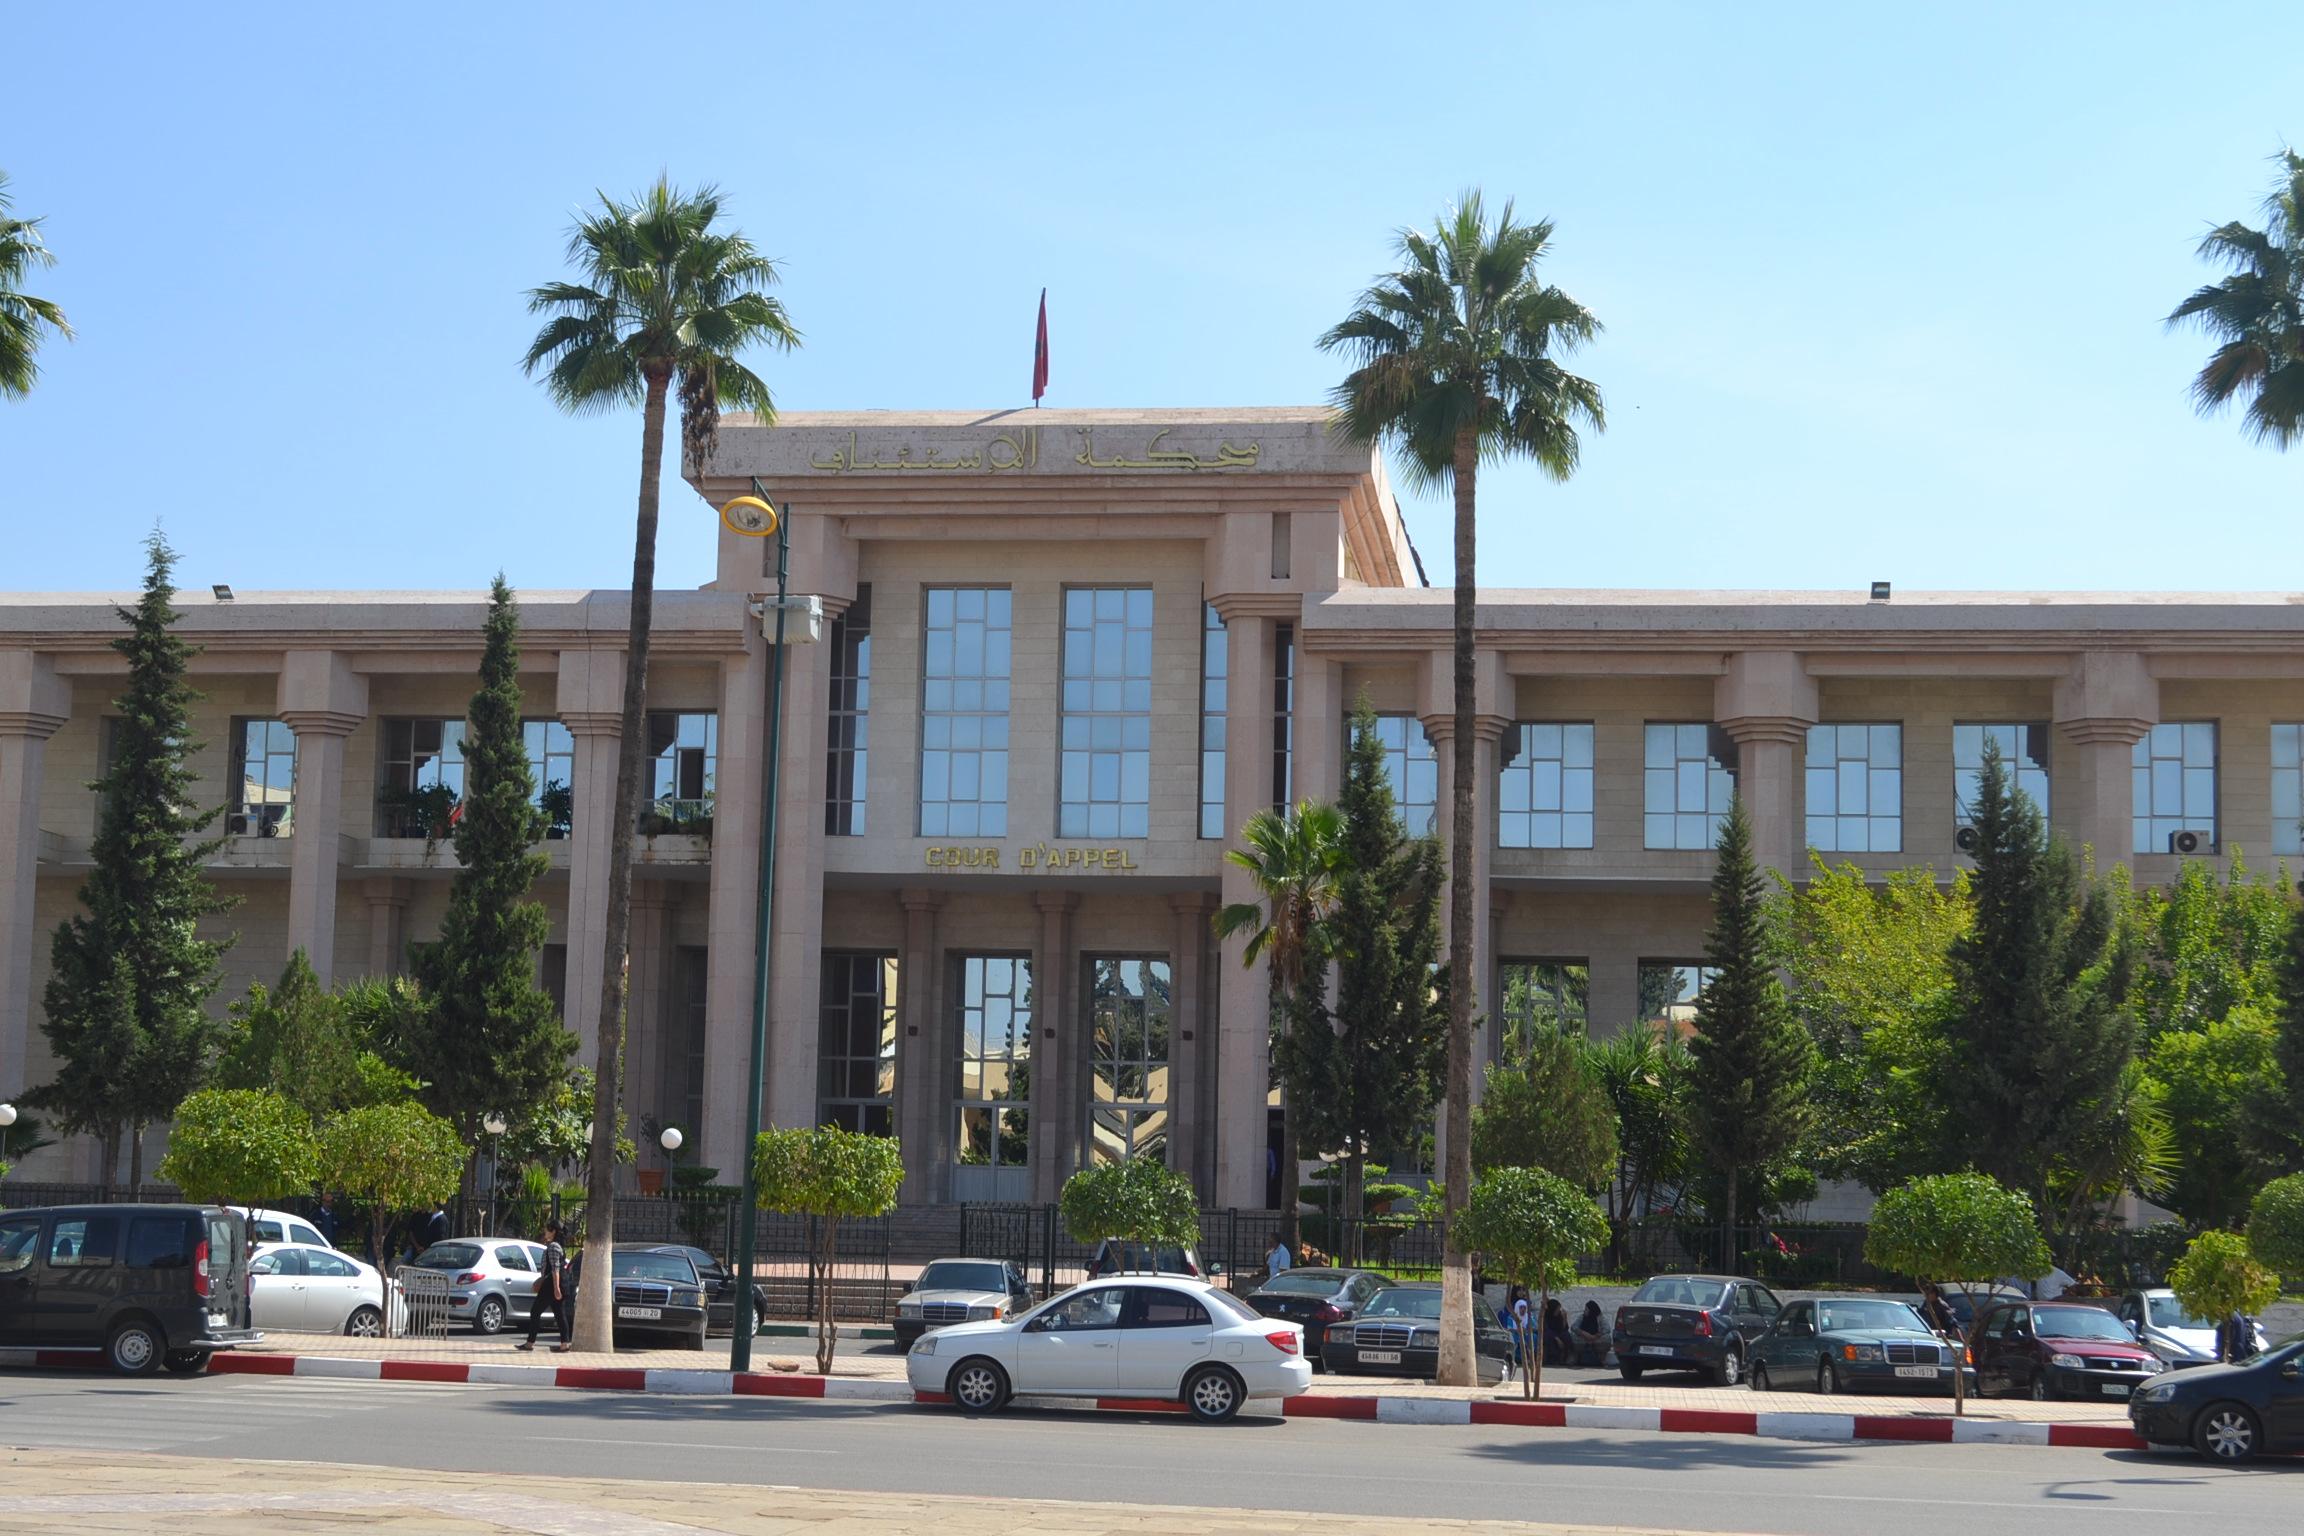 المحكمة الإدارية بمكناس تصدر حكما يقضي بحل مجلس جماعي بمدينة إفران